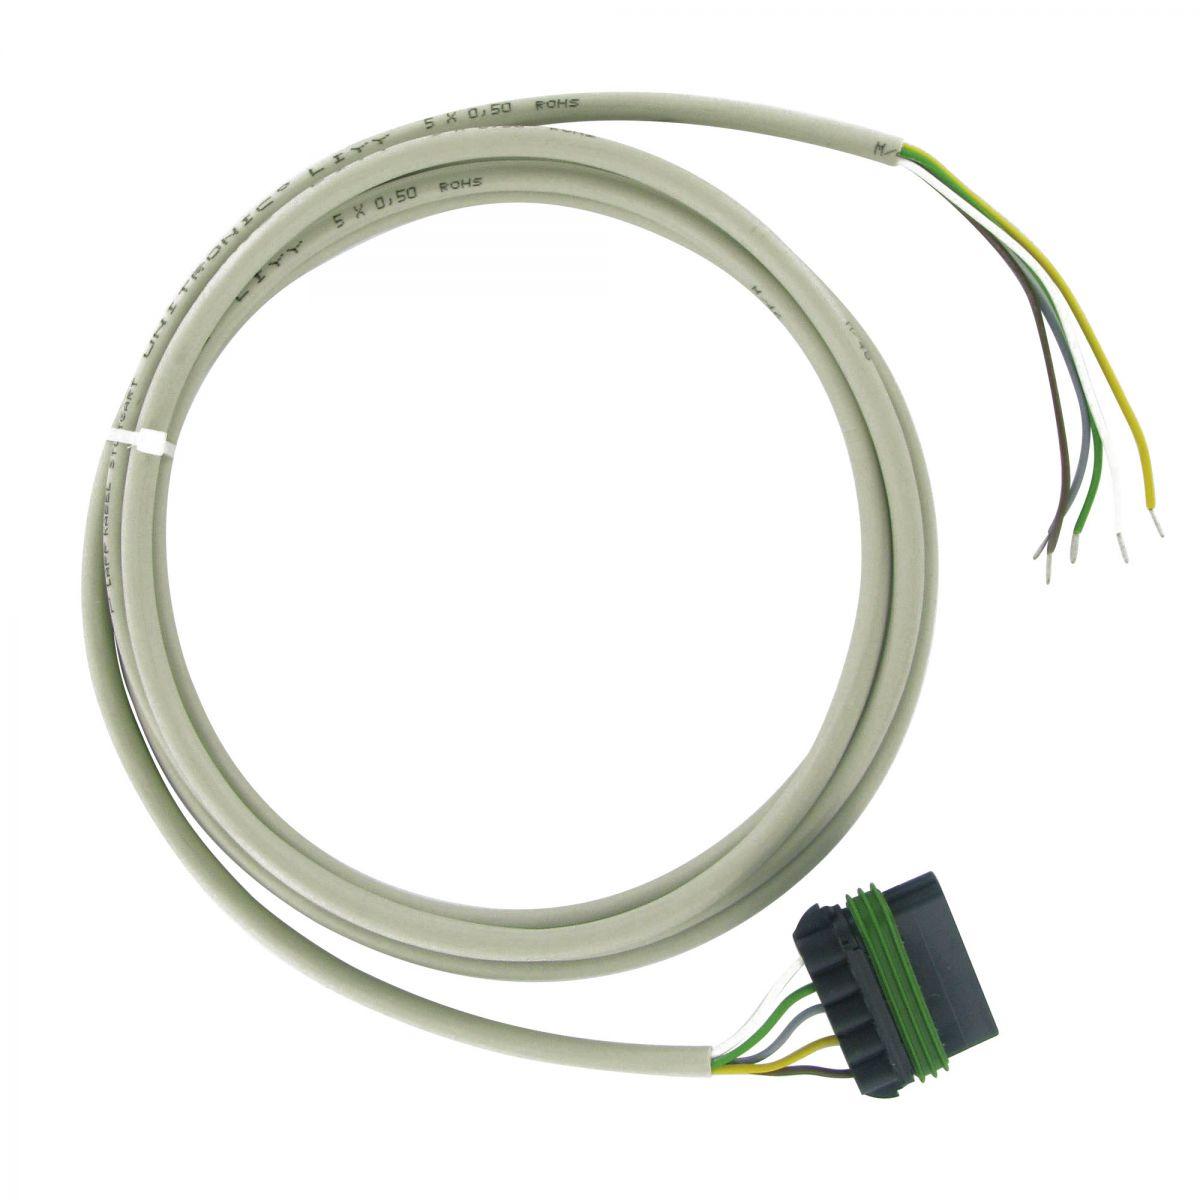 kabel 25 m mit stecker fr motor silber 001440000 gea